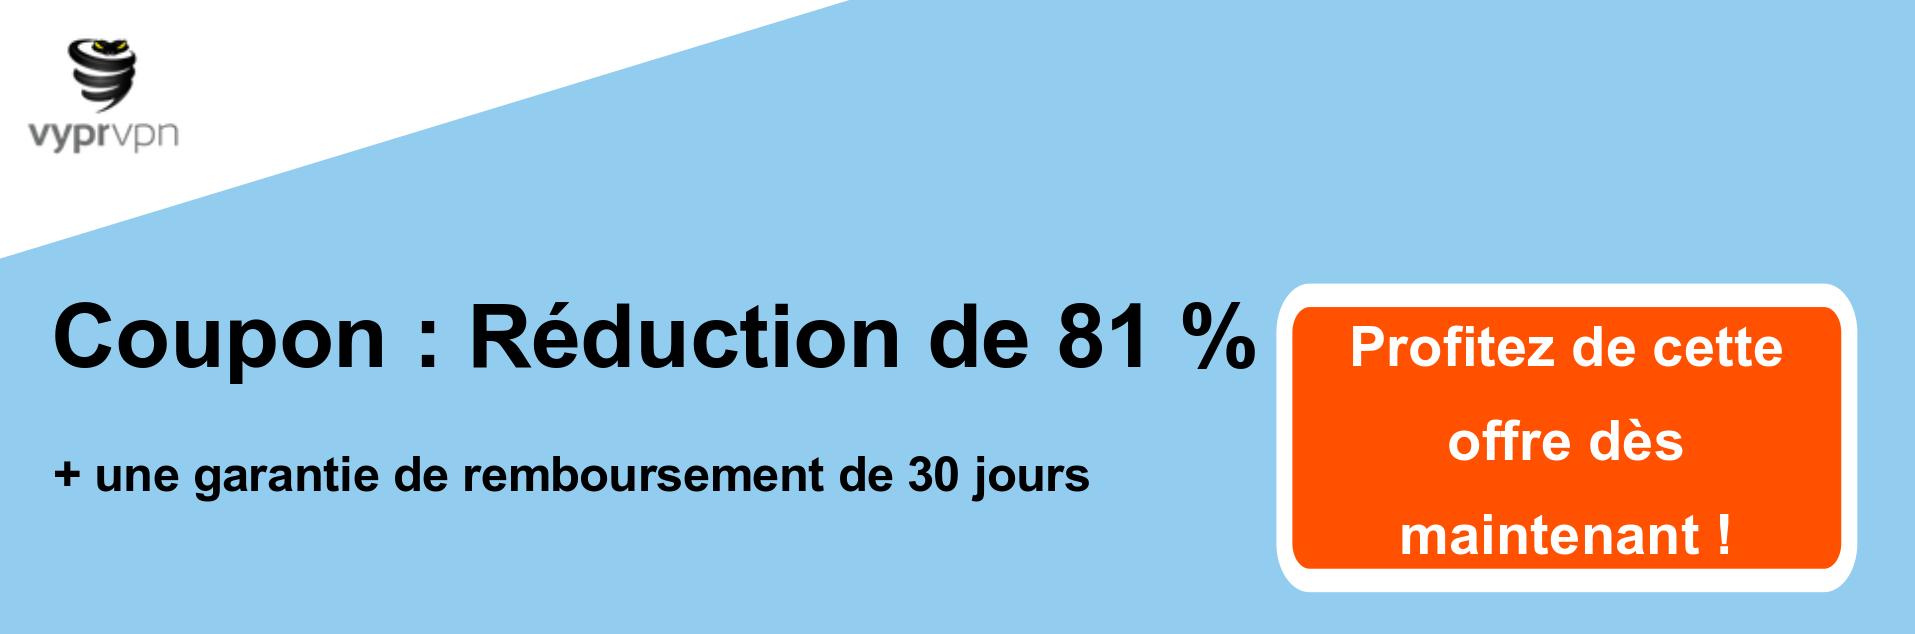 Bannière de coupons VPN Vypr - 81% de réduction